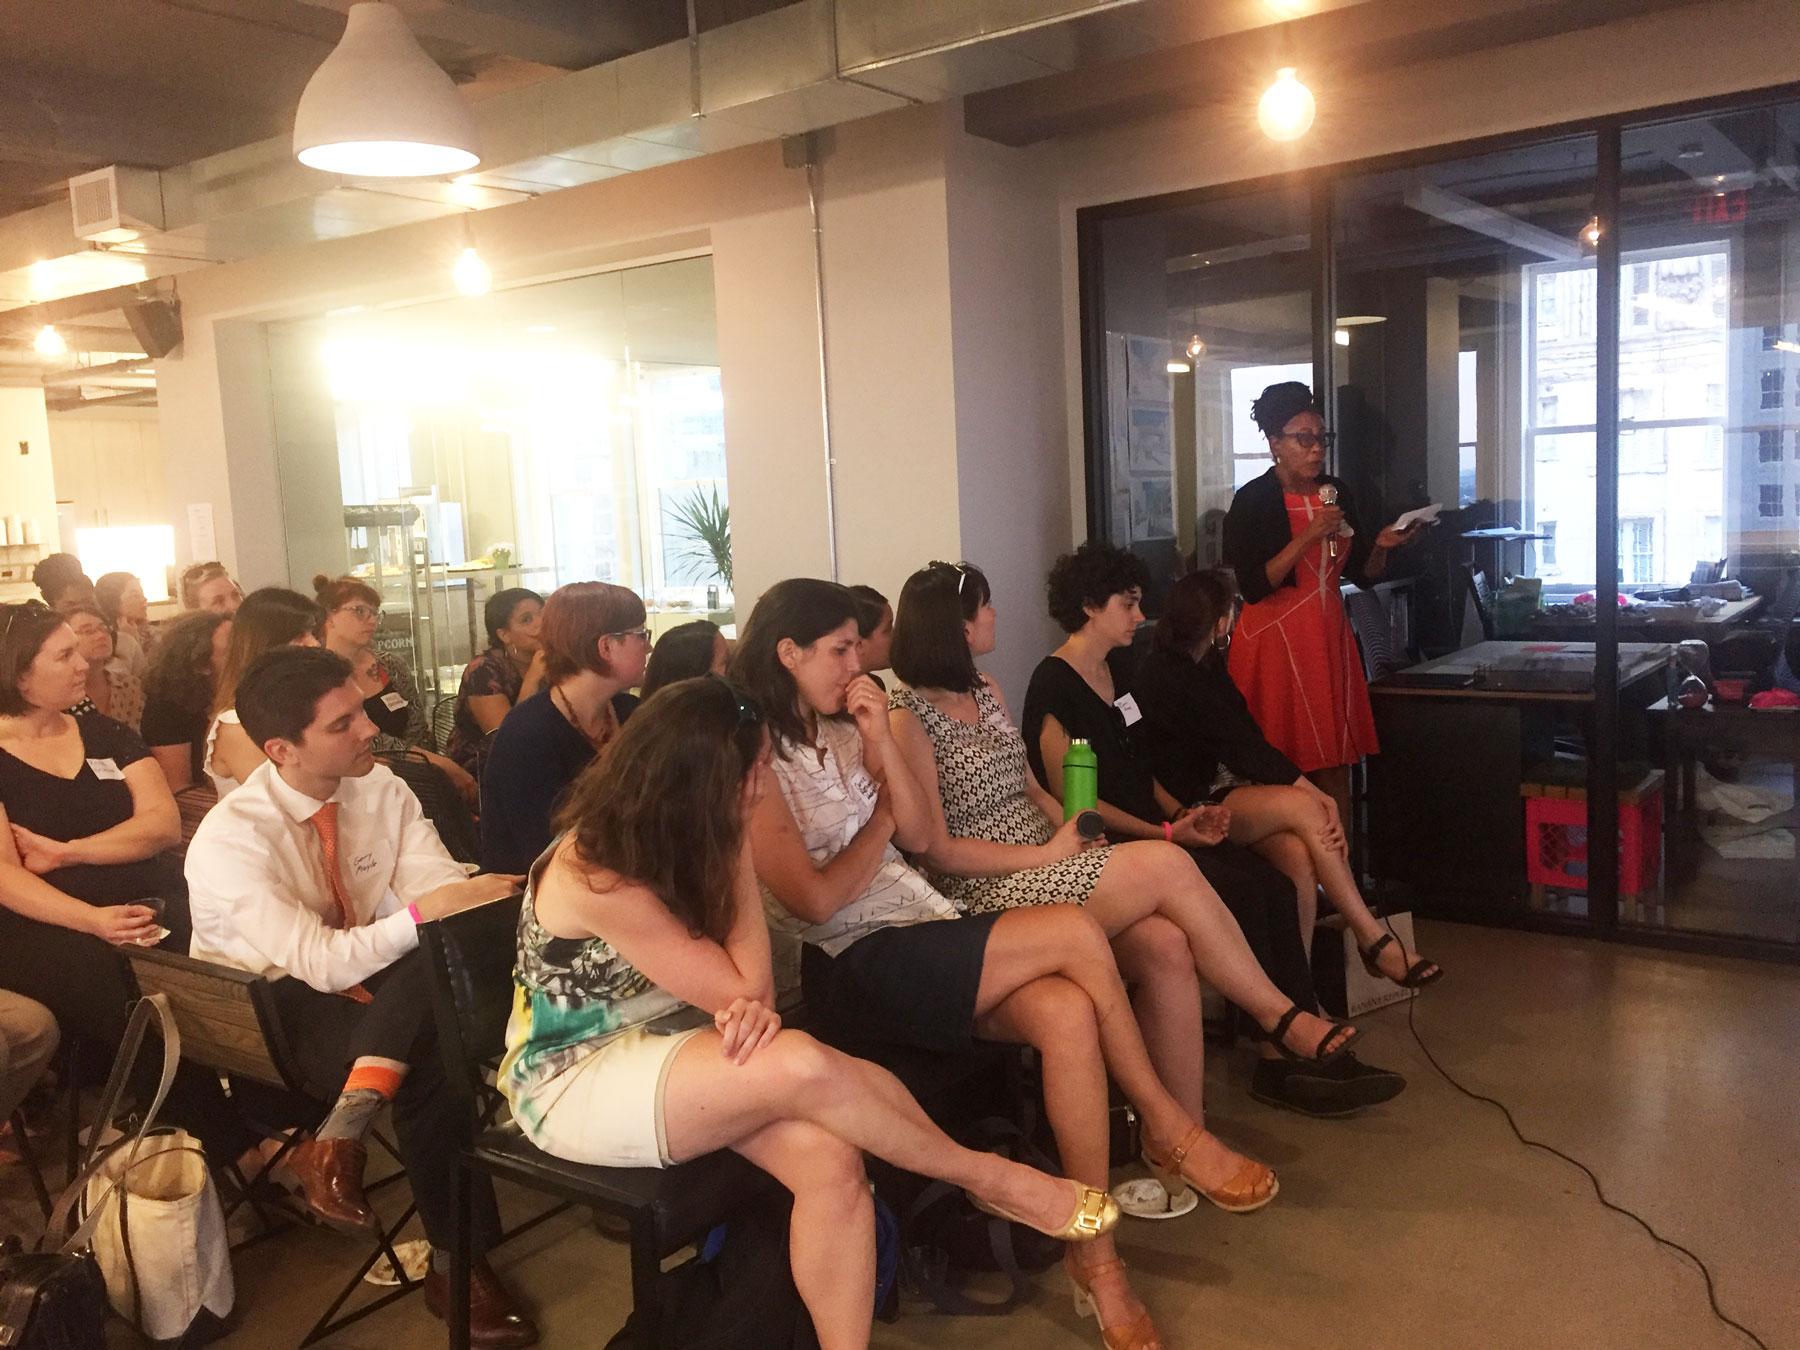 PGDG-Audience-JoyceSmith.jpg